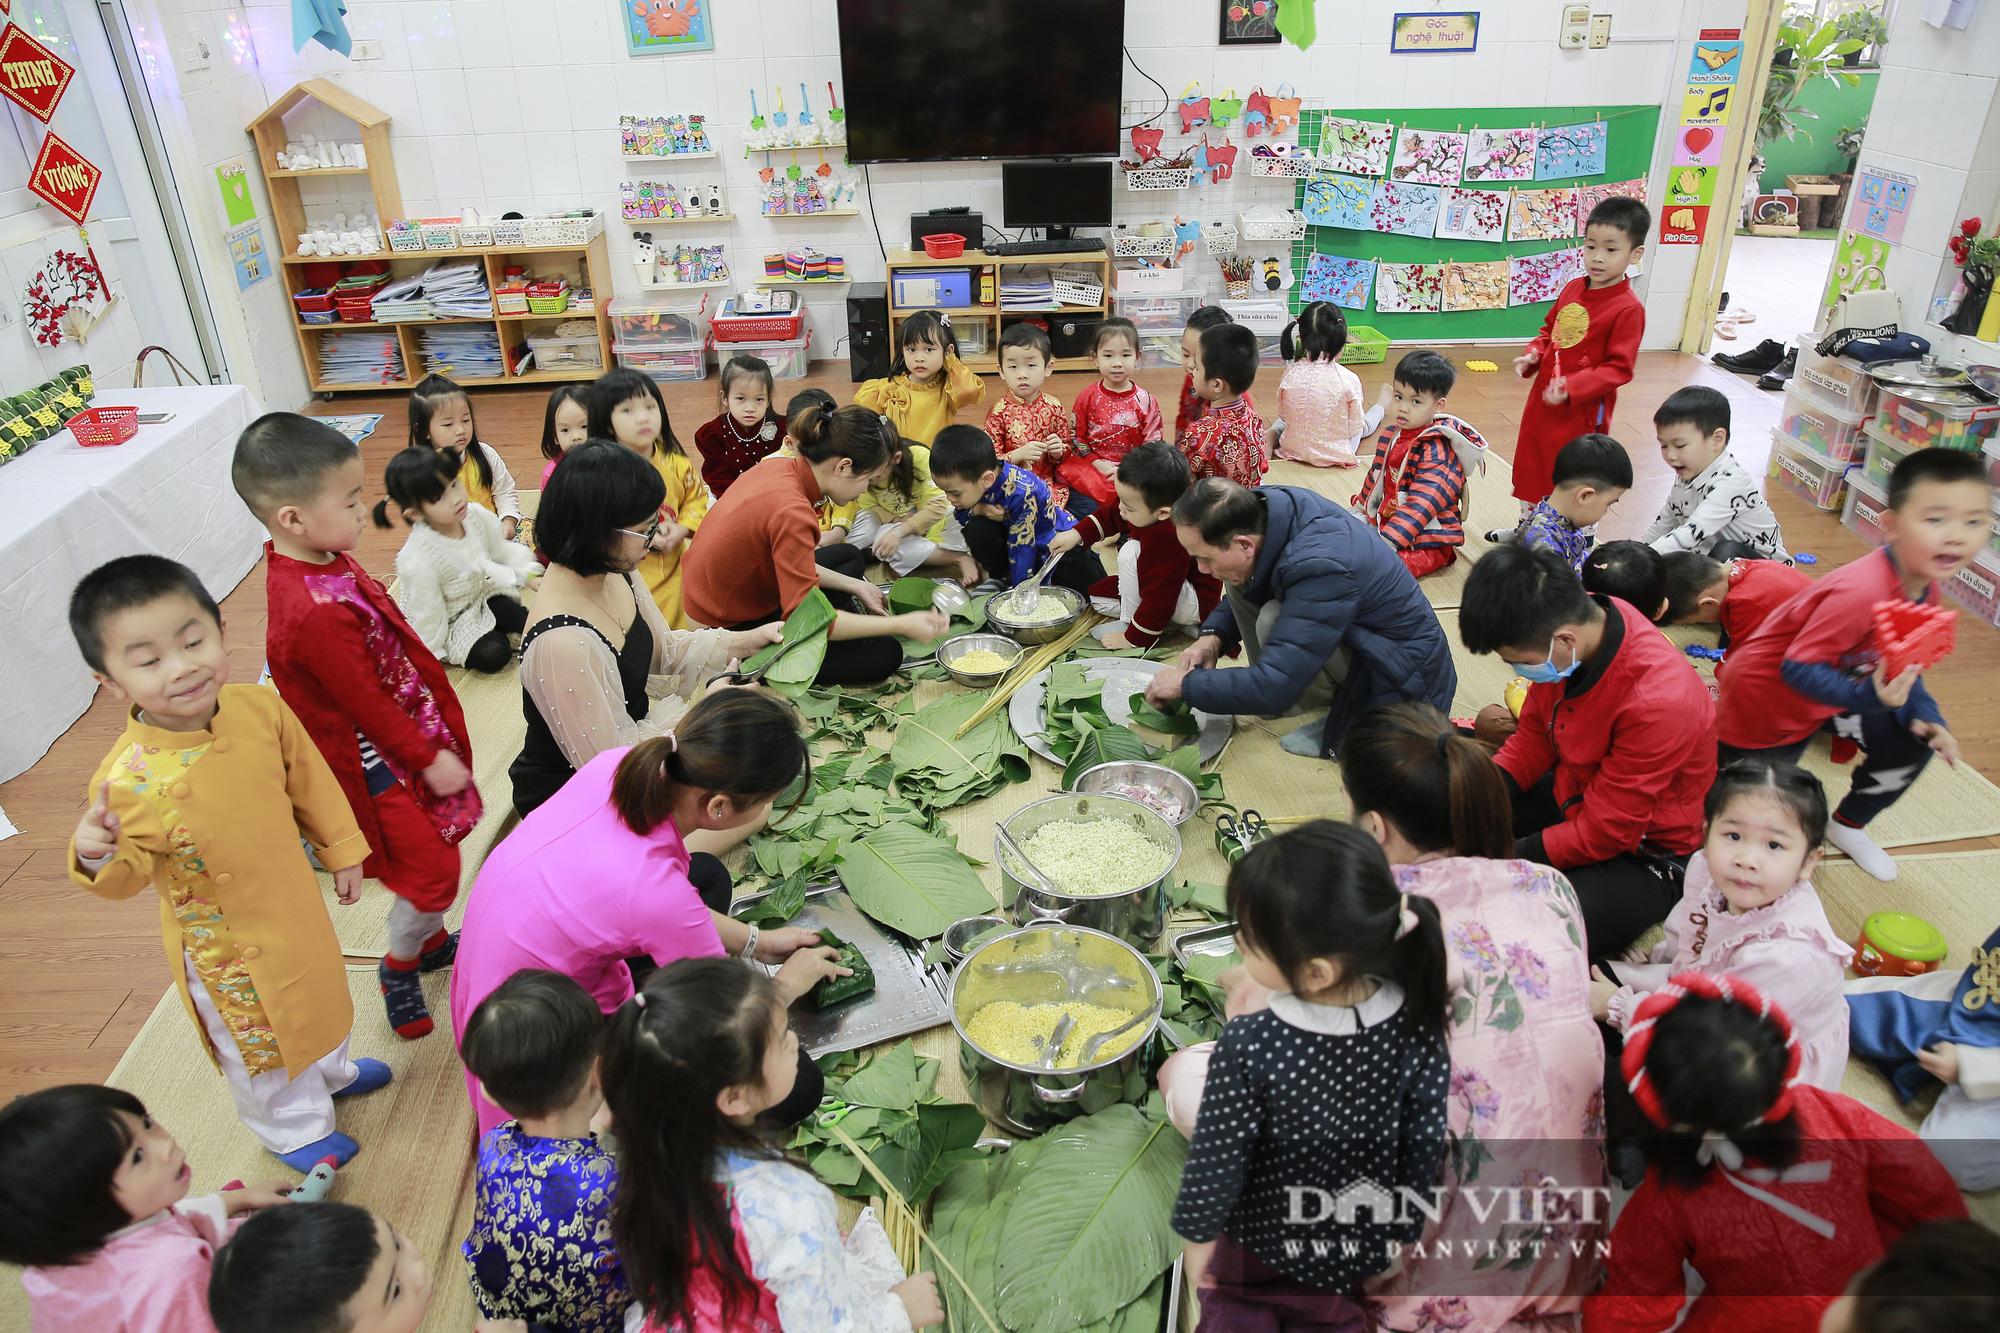 Trẻ em Hà Nội hào hứng khi lần đầu được gói bánh chưng cùng cha mẹ - Ảnh 8.